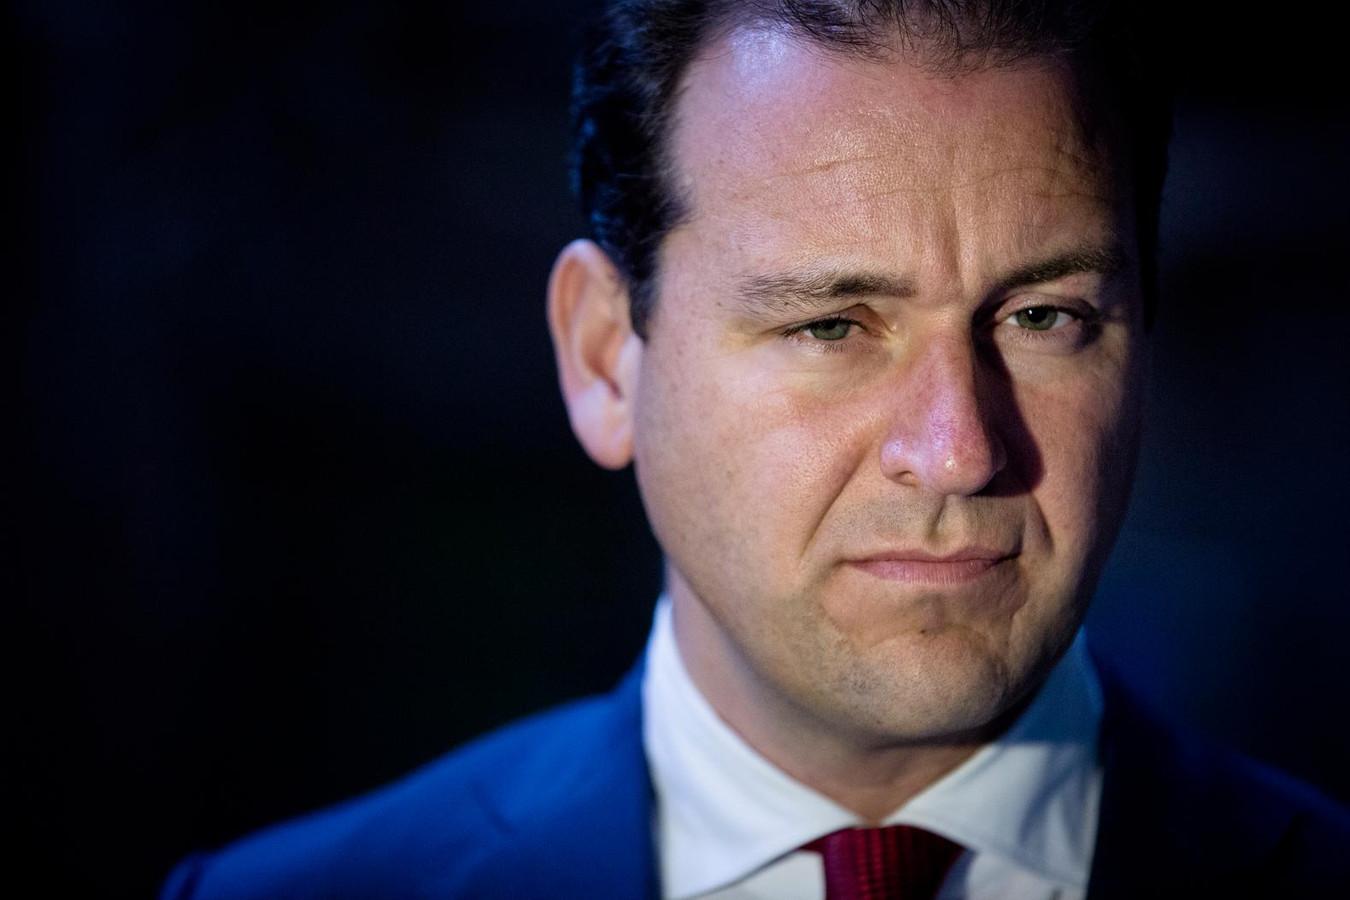 Lodewijk Asscher weet nog niet of hij PvdA-lijsttrekker wil worden.